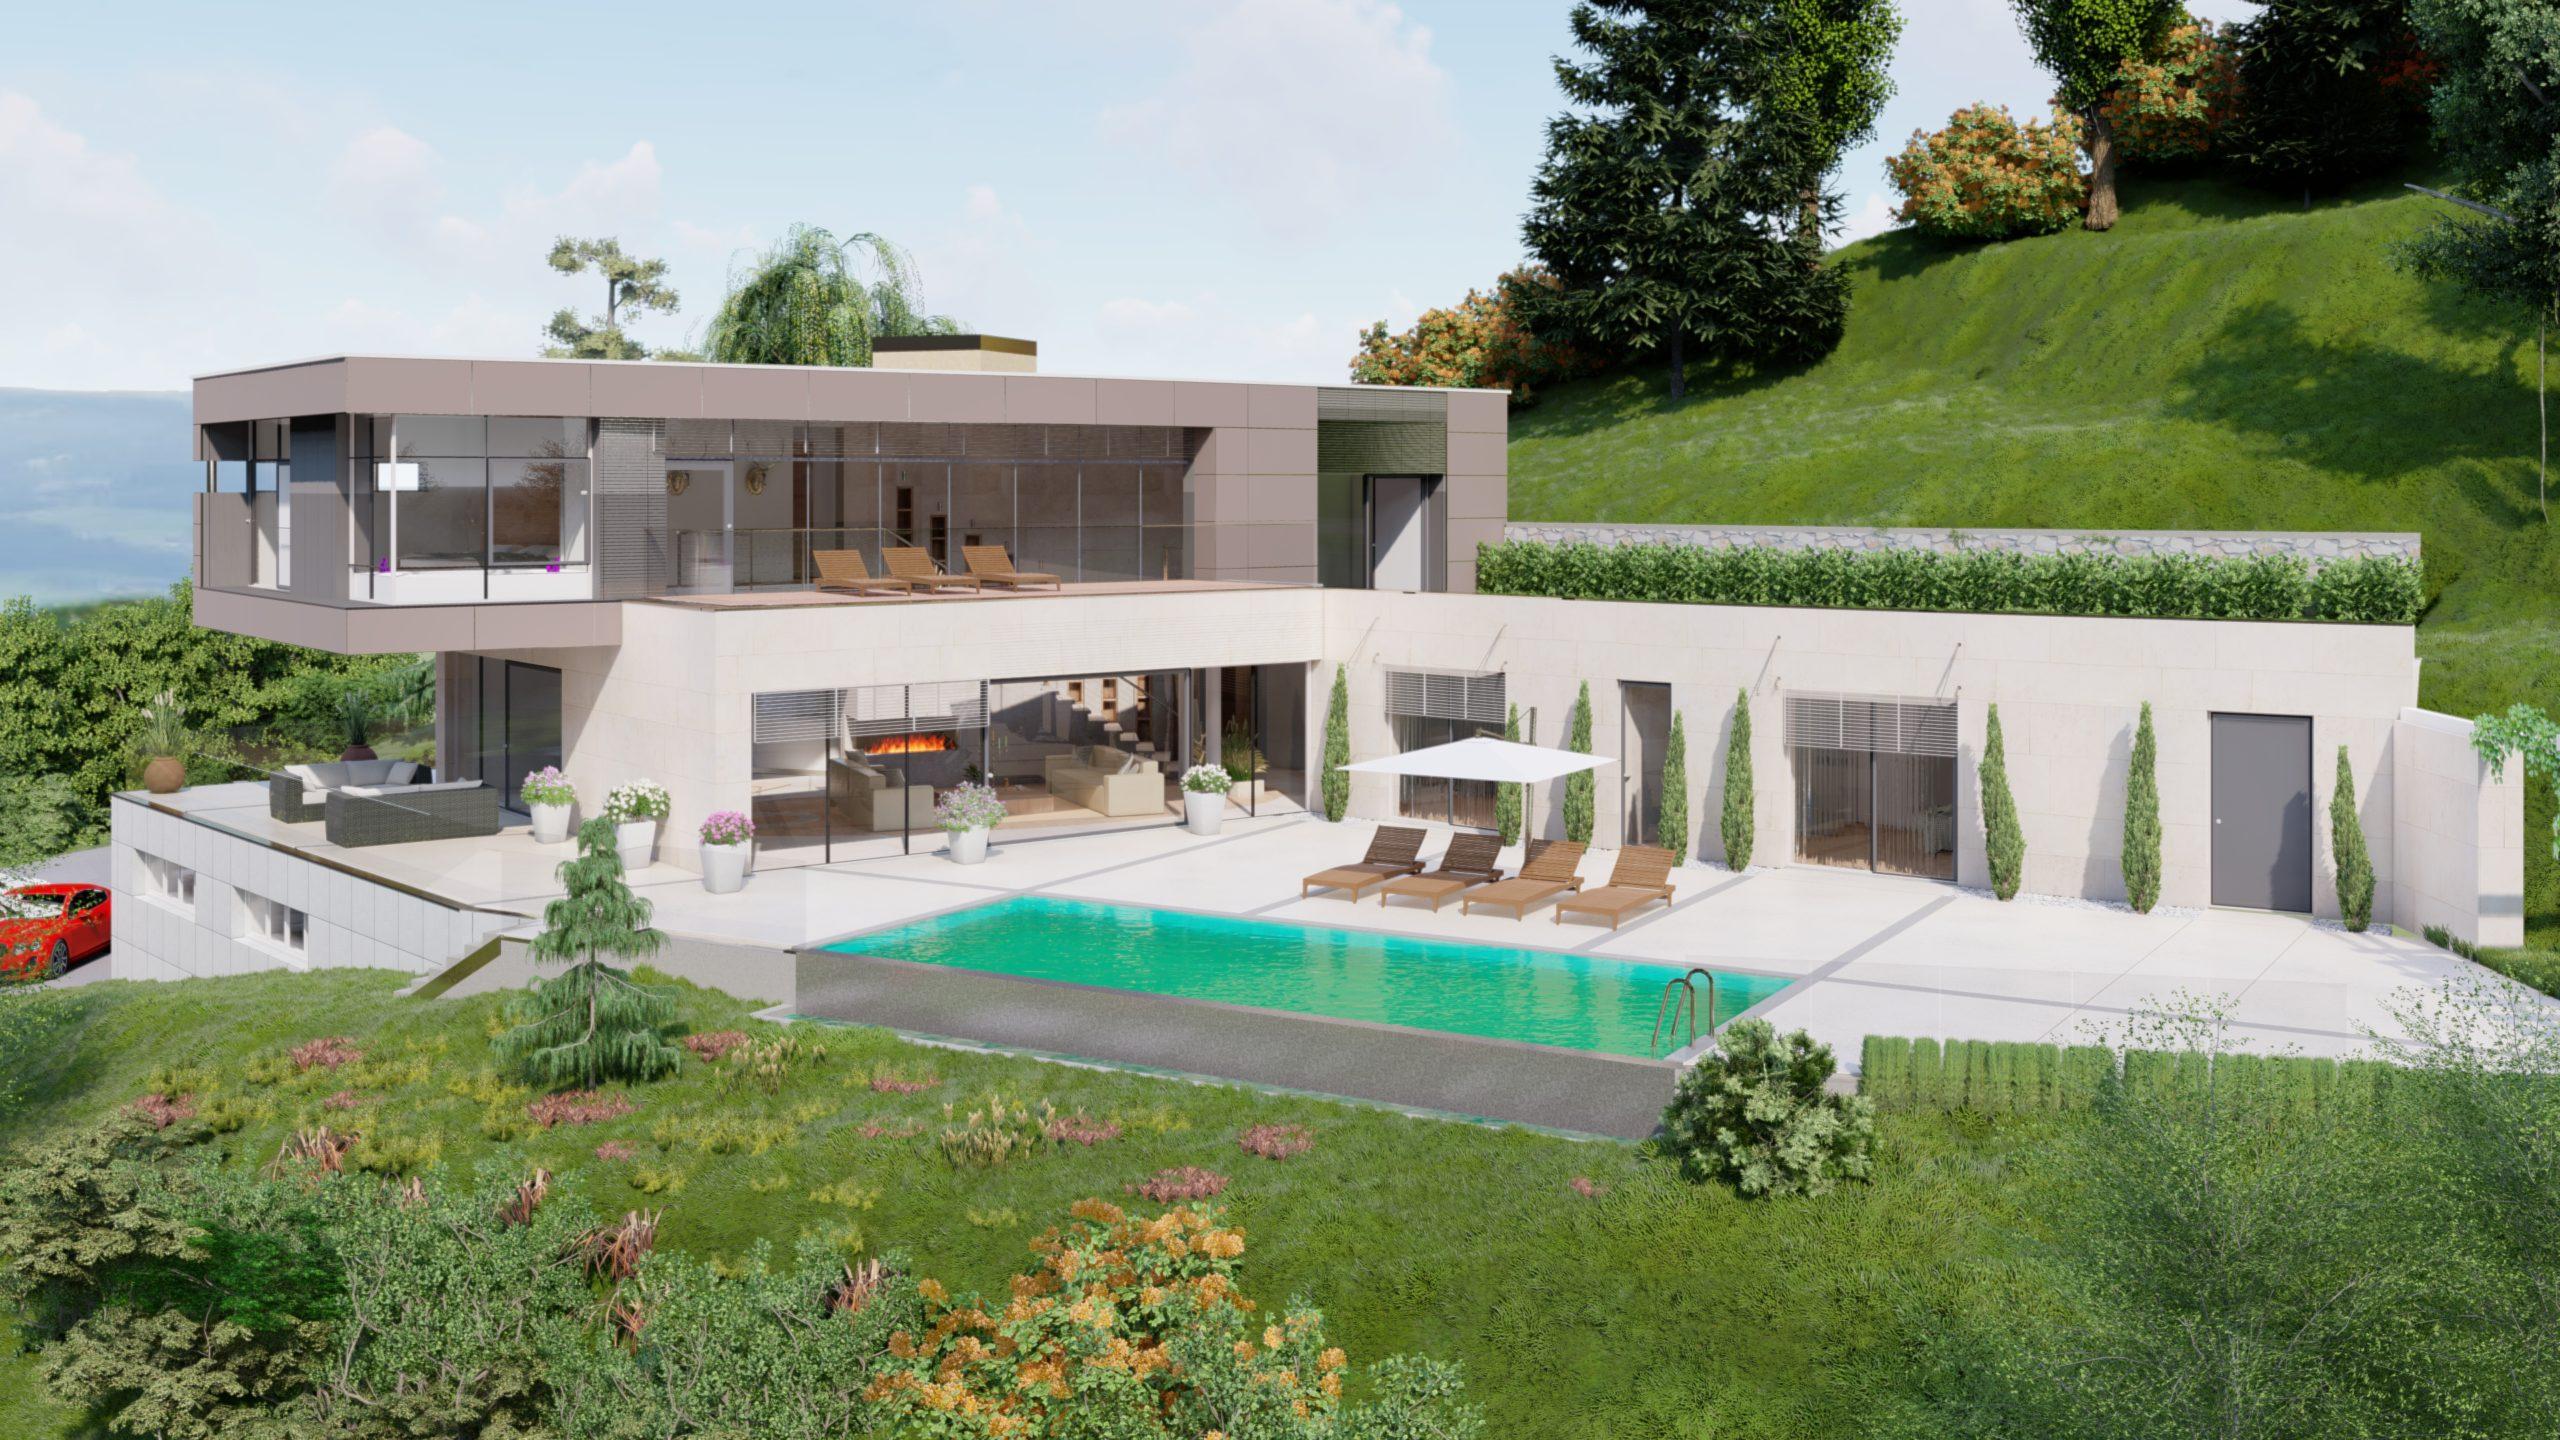 Privathaus in Wolfsberg mit Blick auf Swimmingpool und Garten in hügeliger Landschaft